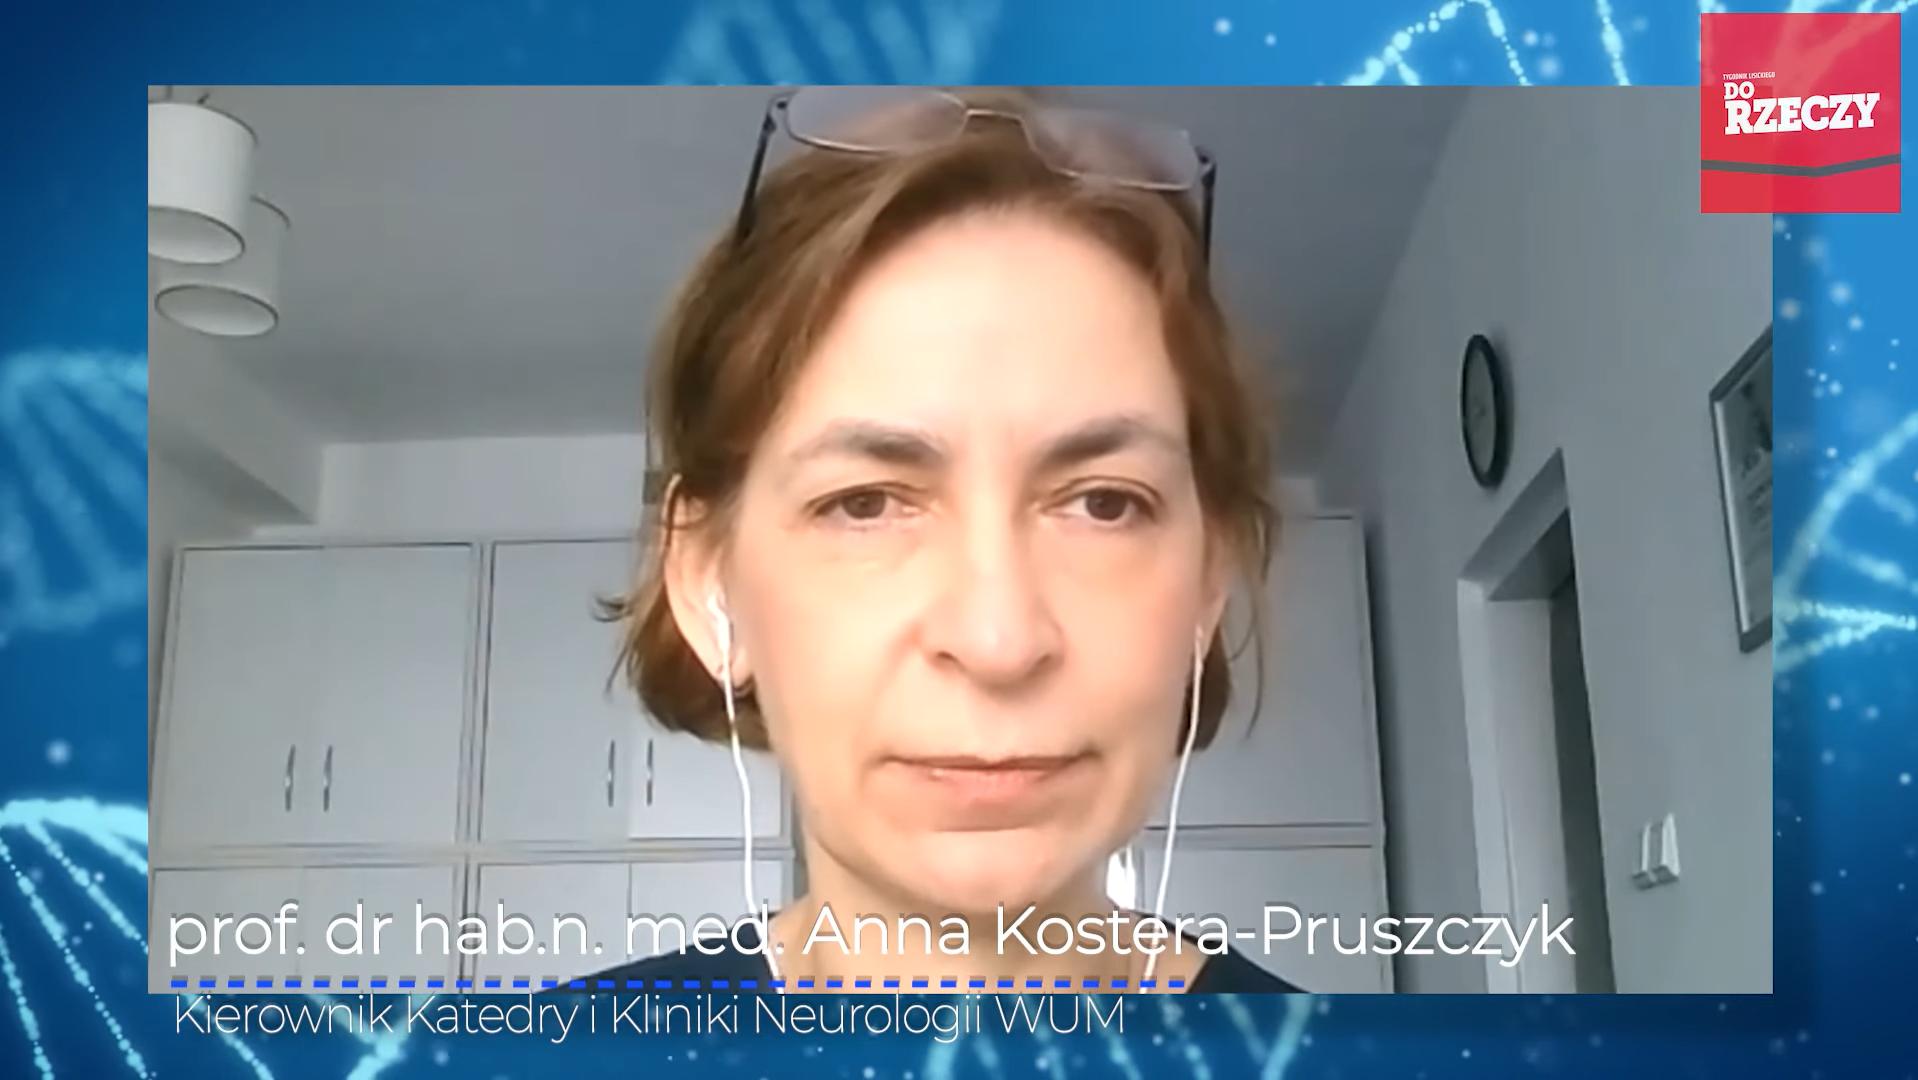 prof. Anna Kostera-Pruszczyk, kierownik Katedry i Kliniki Neurologii Warszawskiego Uniwersytetu Medycznego